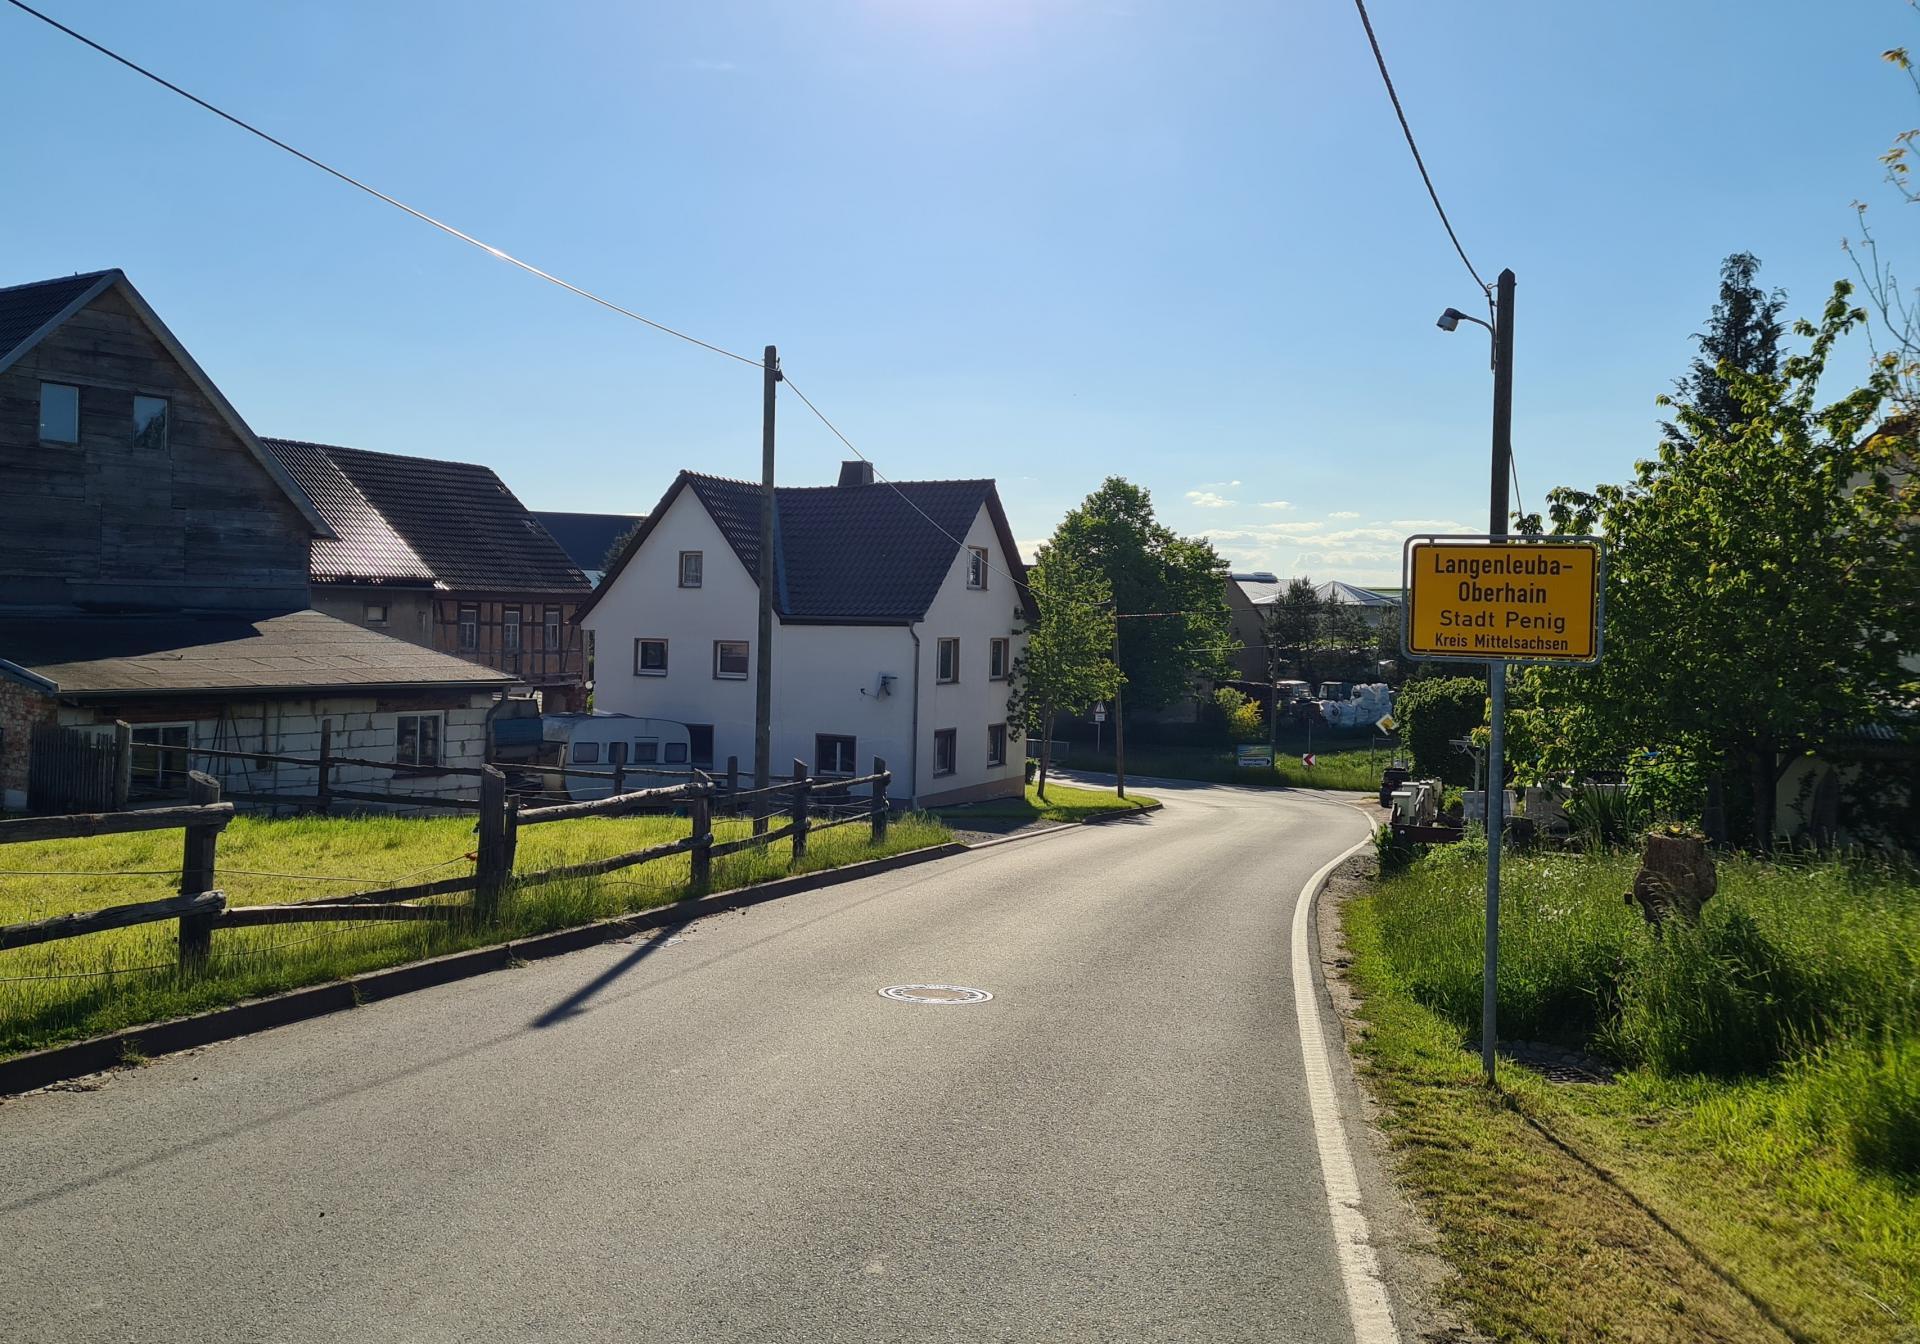 Langenleuba_Oberhain